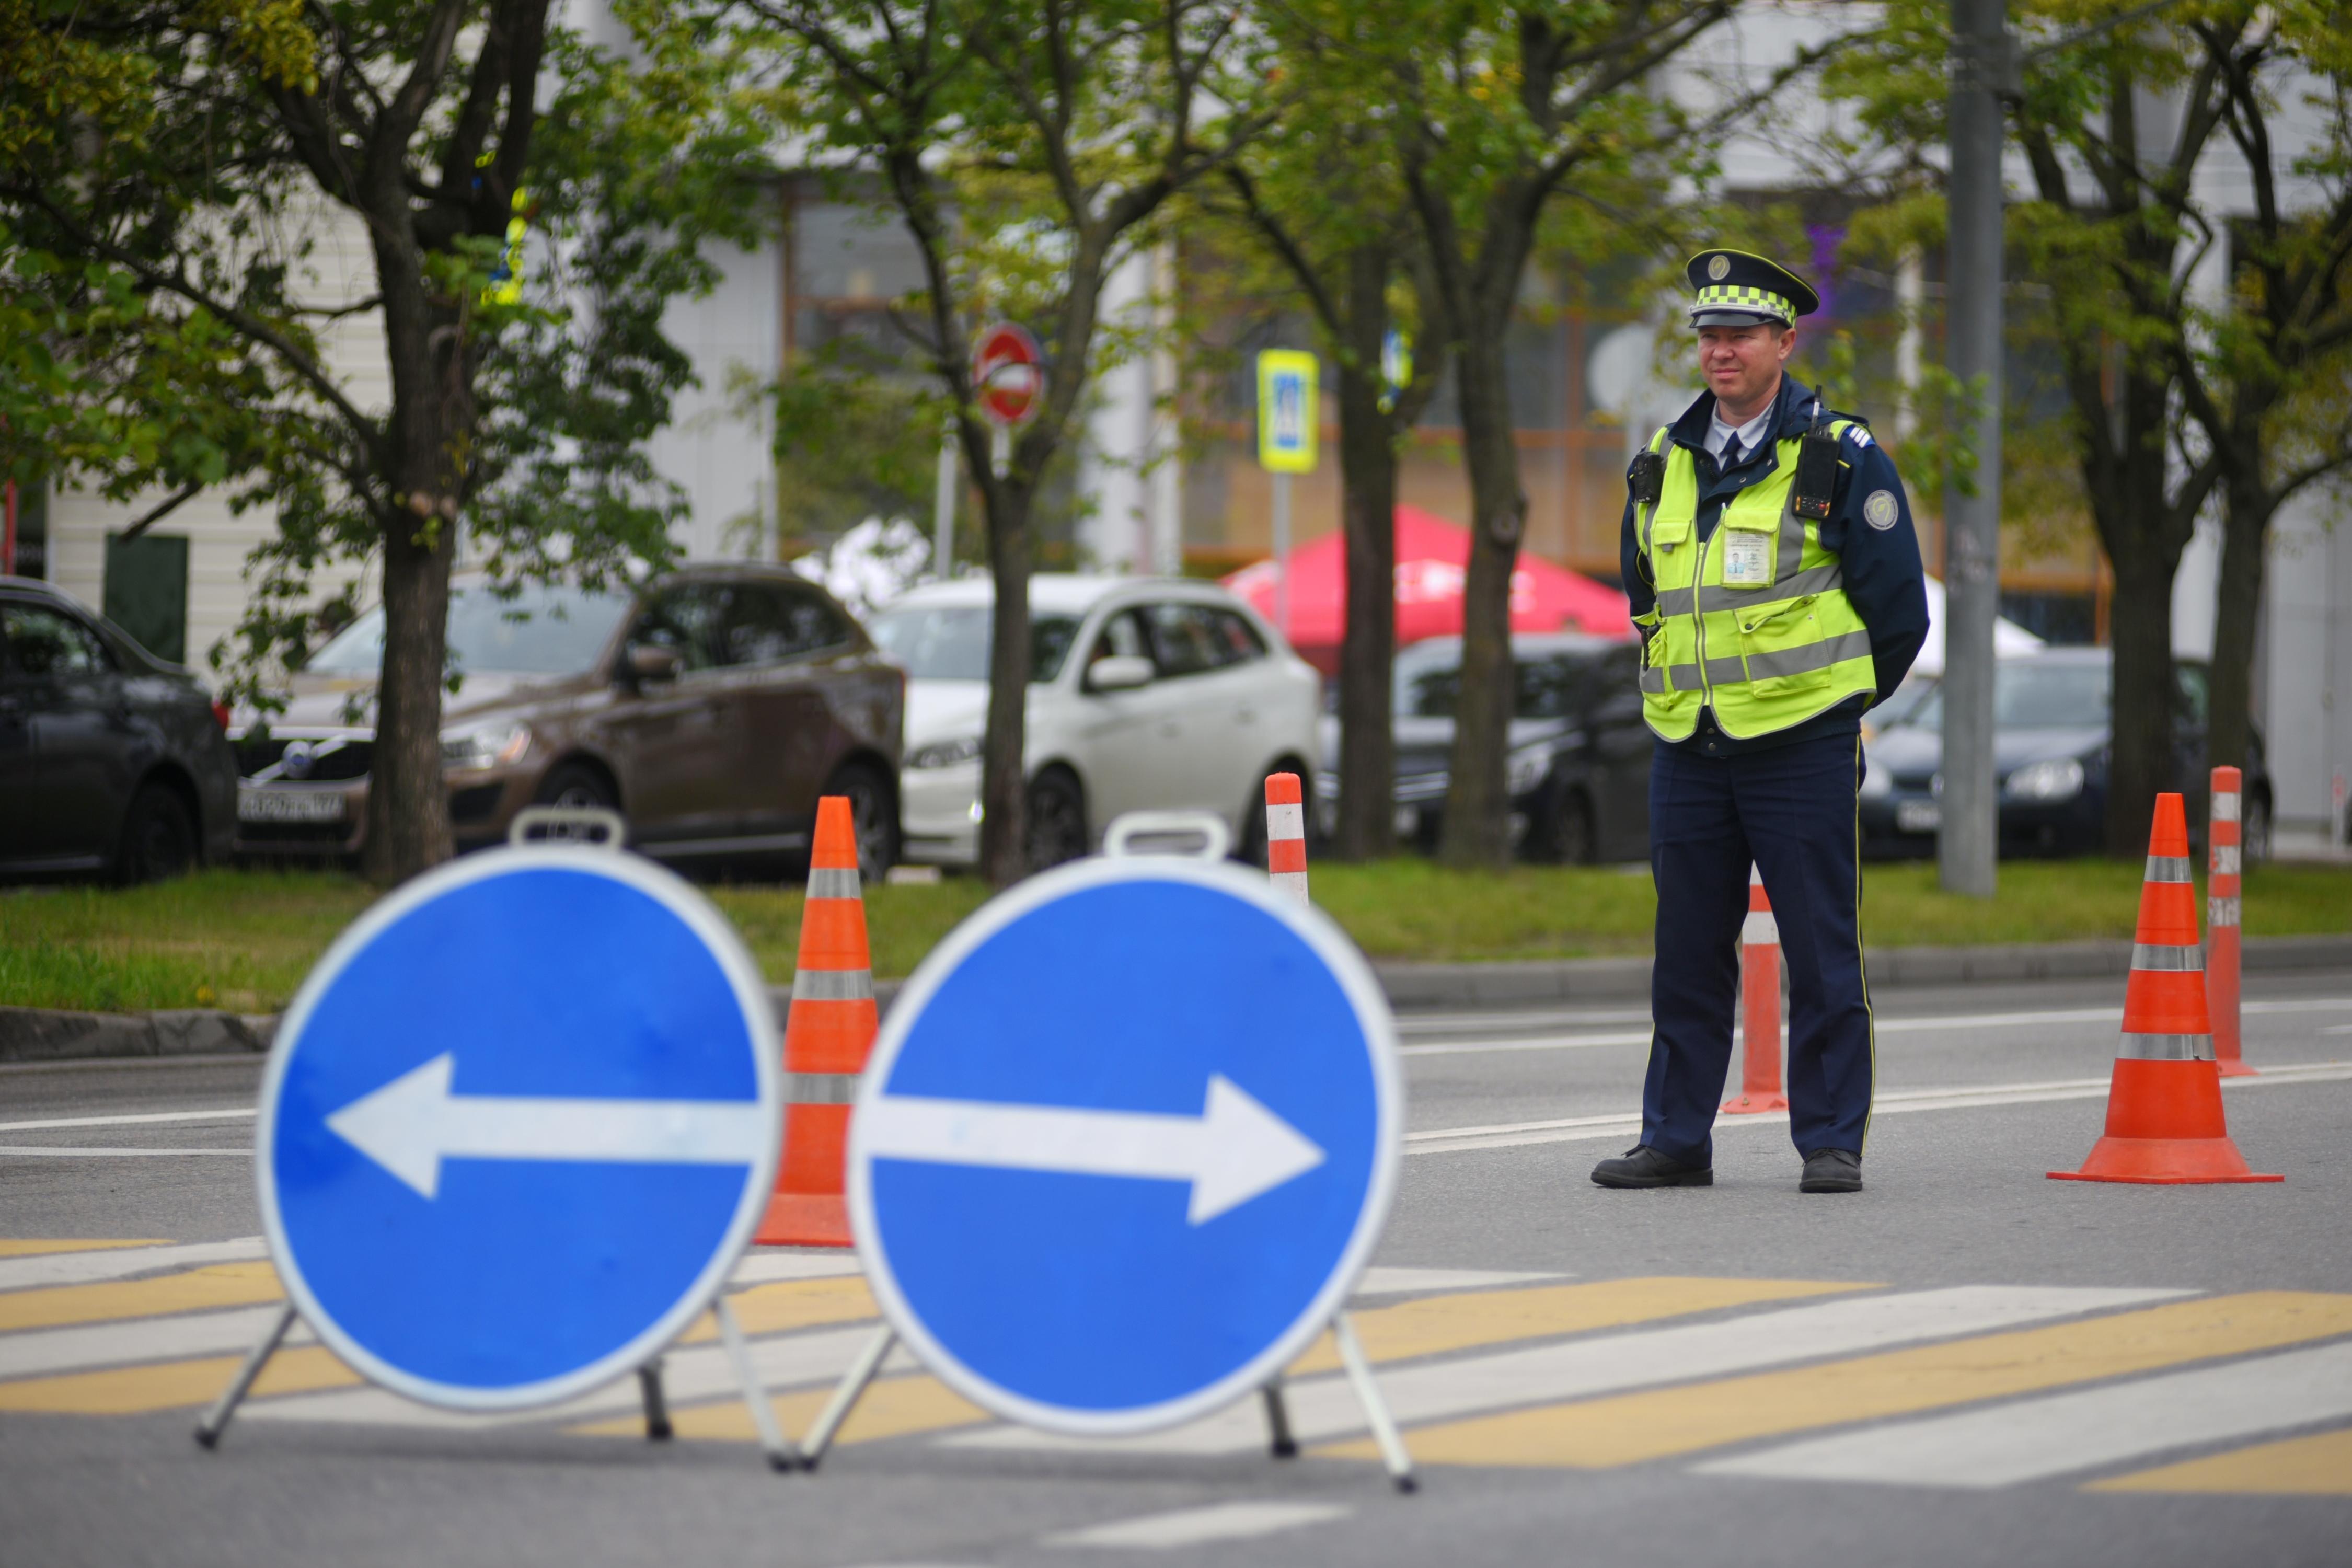 Депутат МГД: В Москве продолжает совершенствоваться система регулирования дорожного движения. Фото: Александр Кожохин, «Вечерняя Москва»